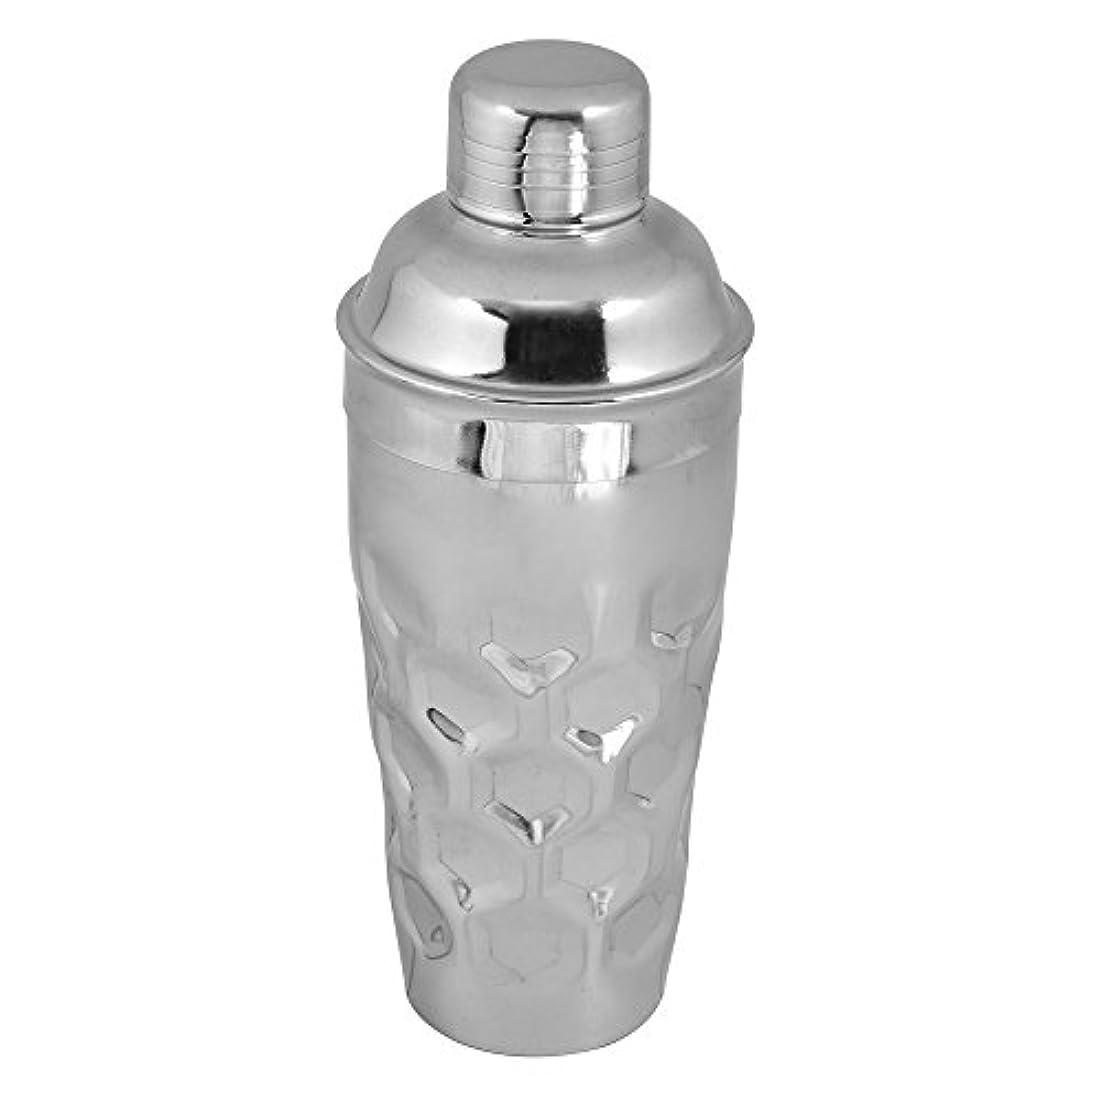 不条理実証する火炎(750ml Octagonal) - Kosma Stainless Steel Designer Cocktail Shaker Mocktail Shaker - (Hammered finish) - 750 ml